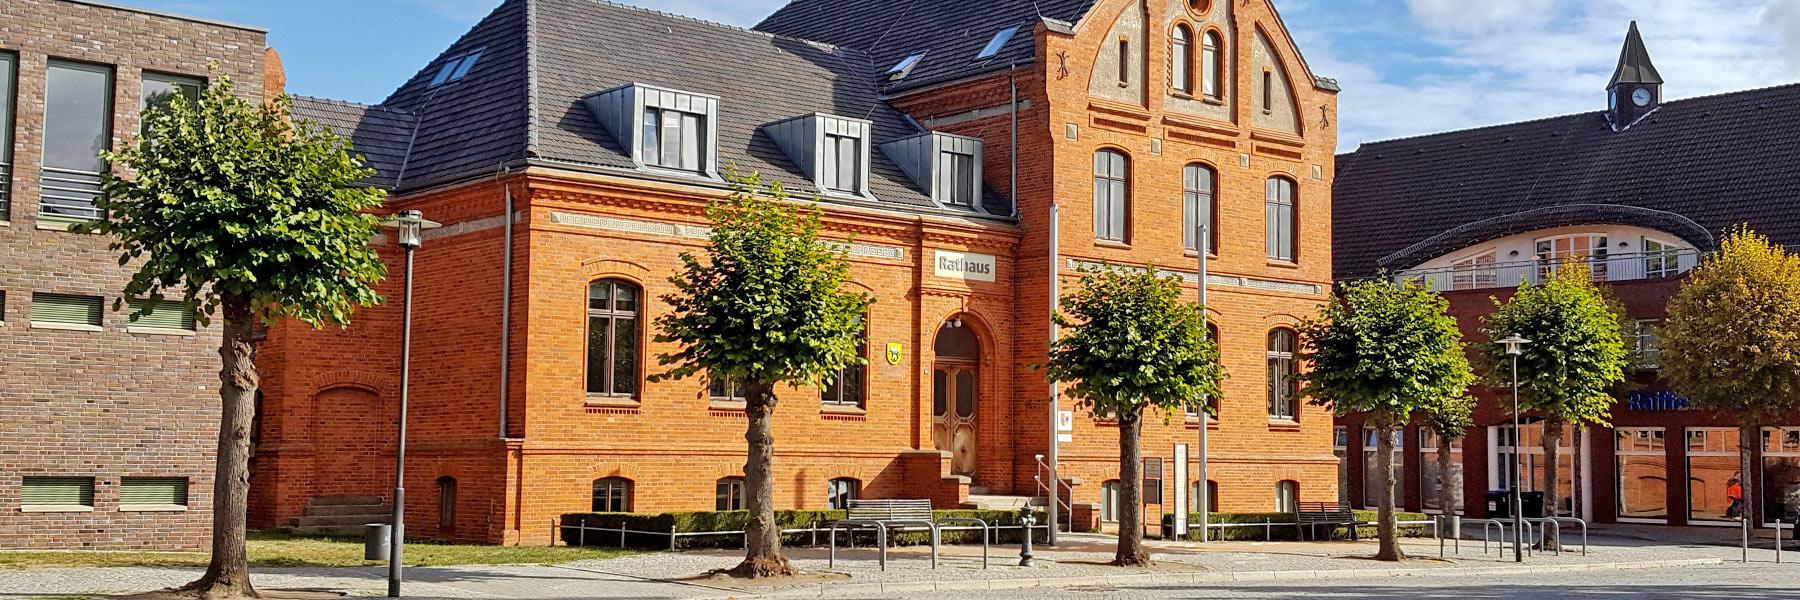 Rathaus - Lübz